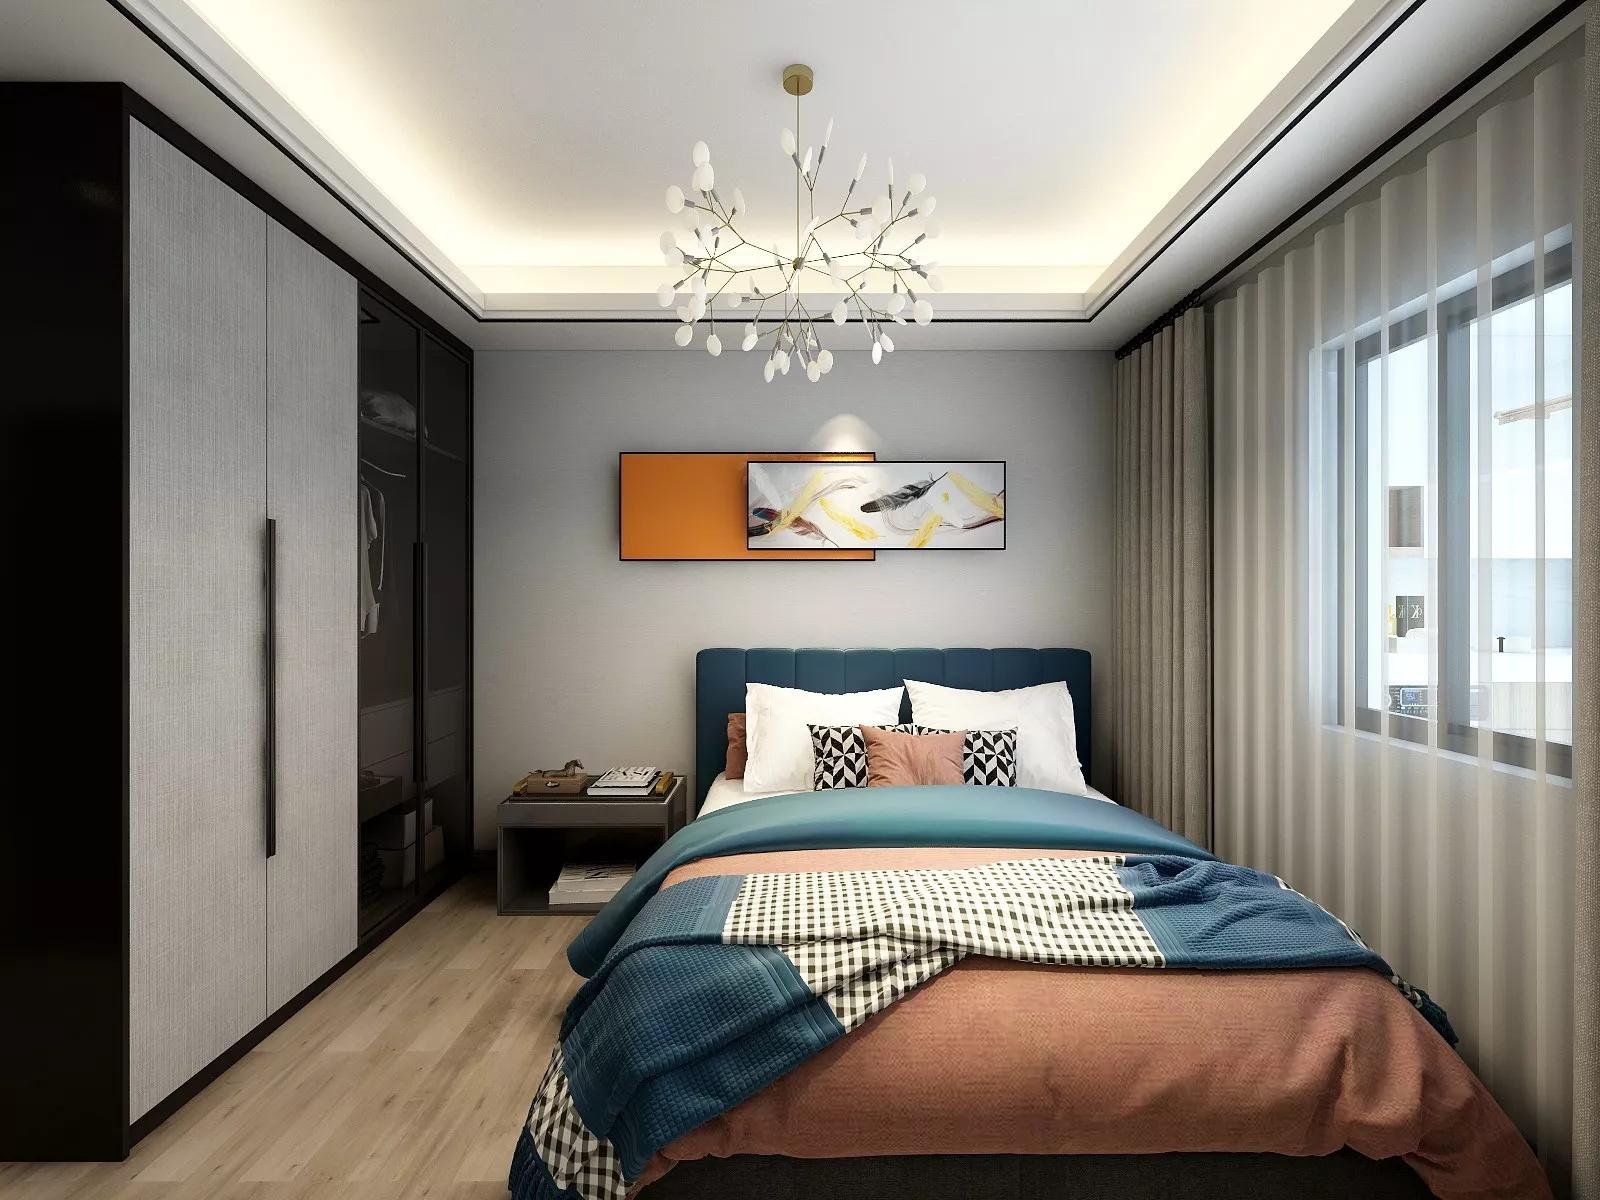 客厅风水之颜色选择 客厅适合摆放哪些植物